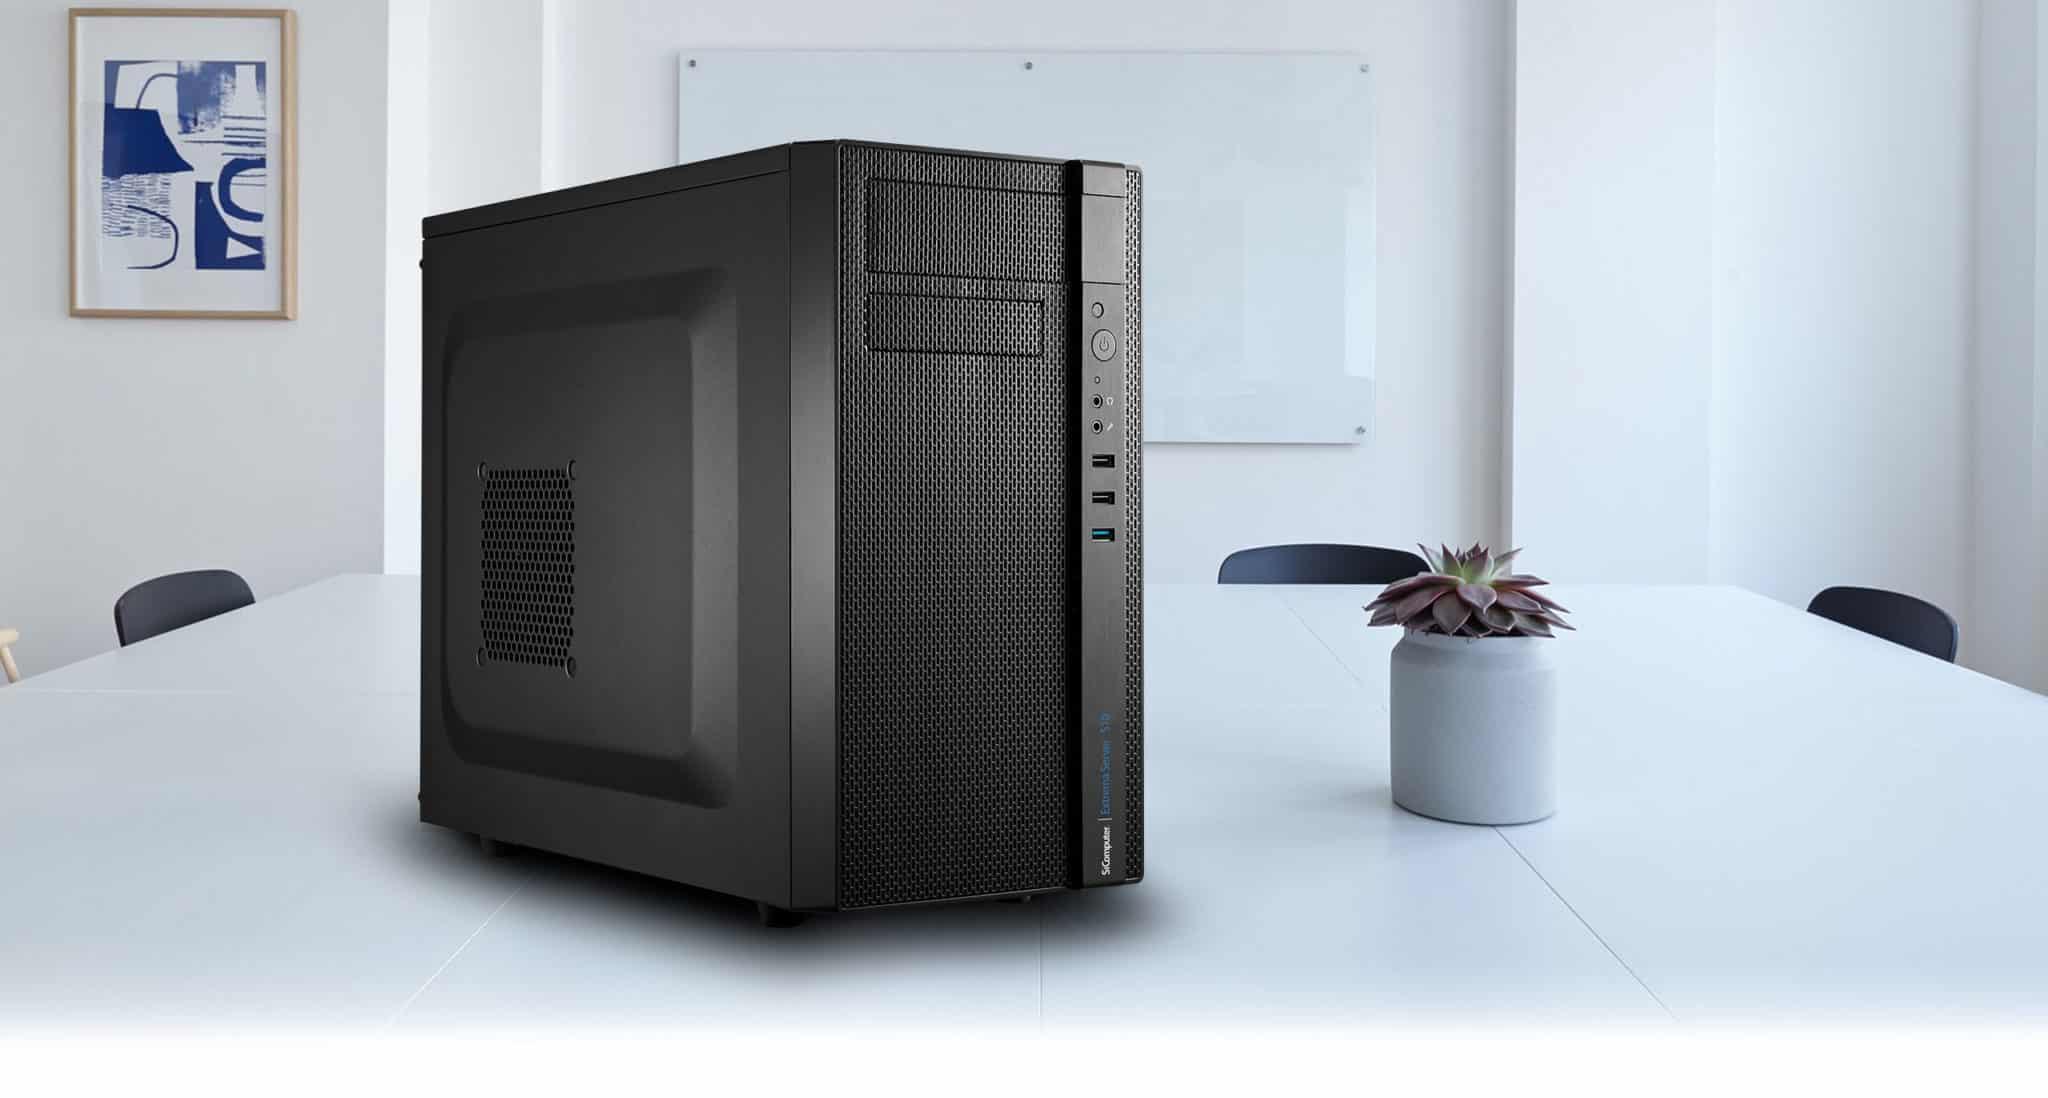 Extrema Server S10